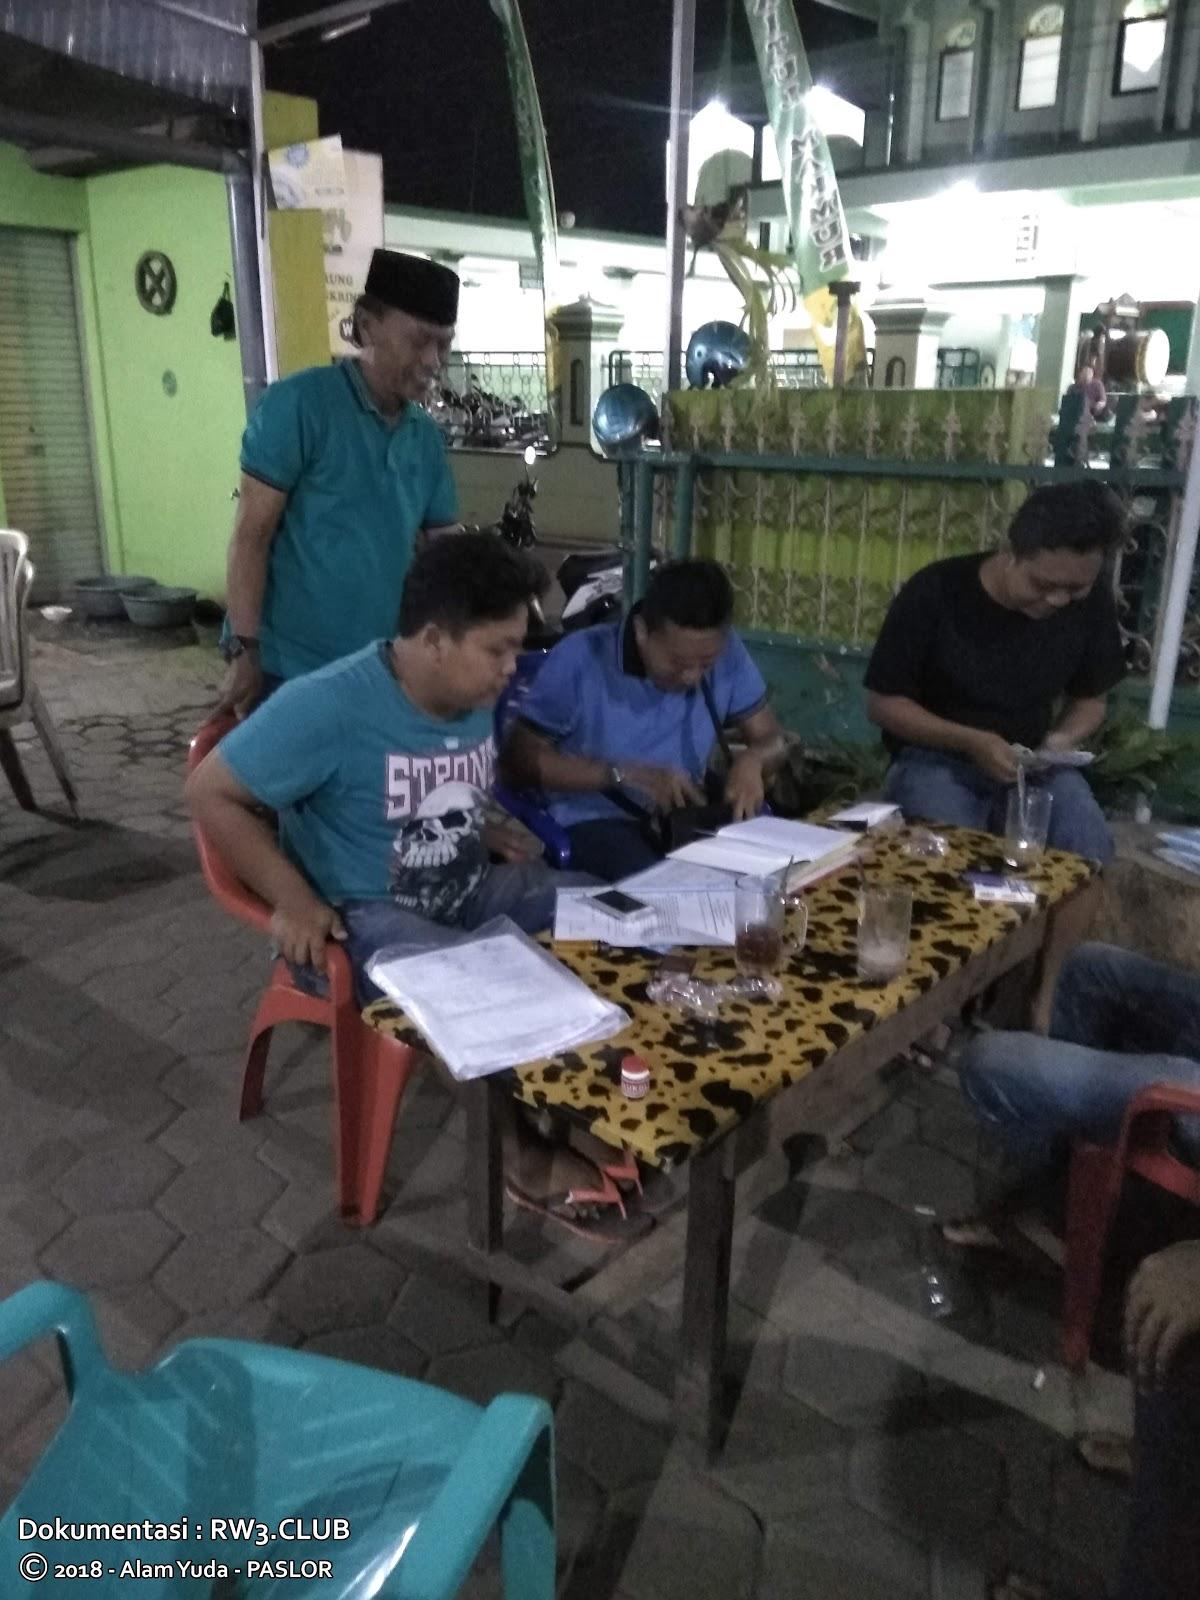 Nor Badri, Raditya Nugroho, Imam Sofyan, Andi Mulyadi - Pengurus Komunitas Pemuda-Pemudi RW-3 NgoPi di Angkringan